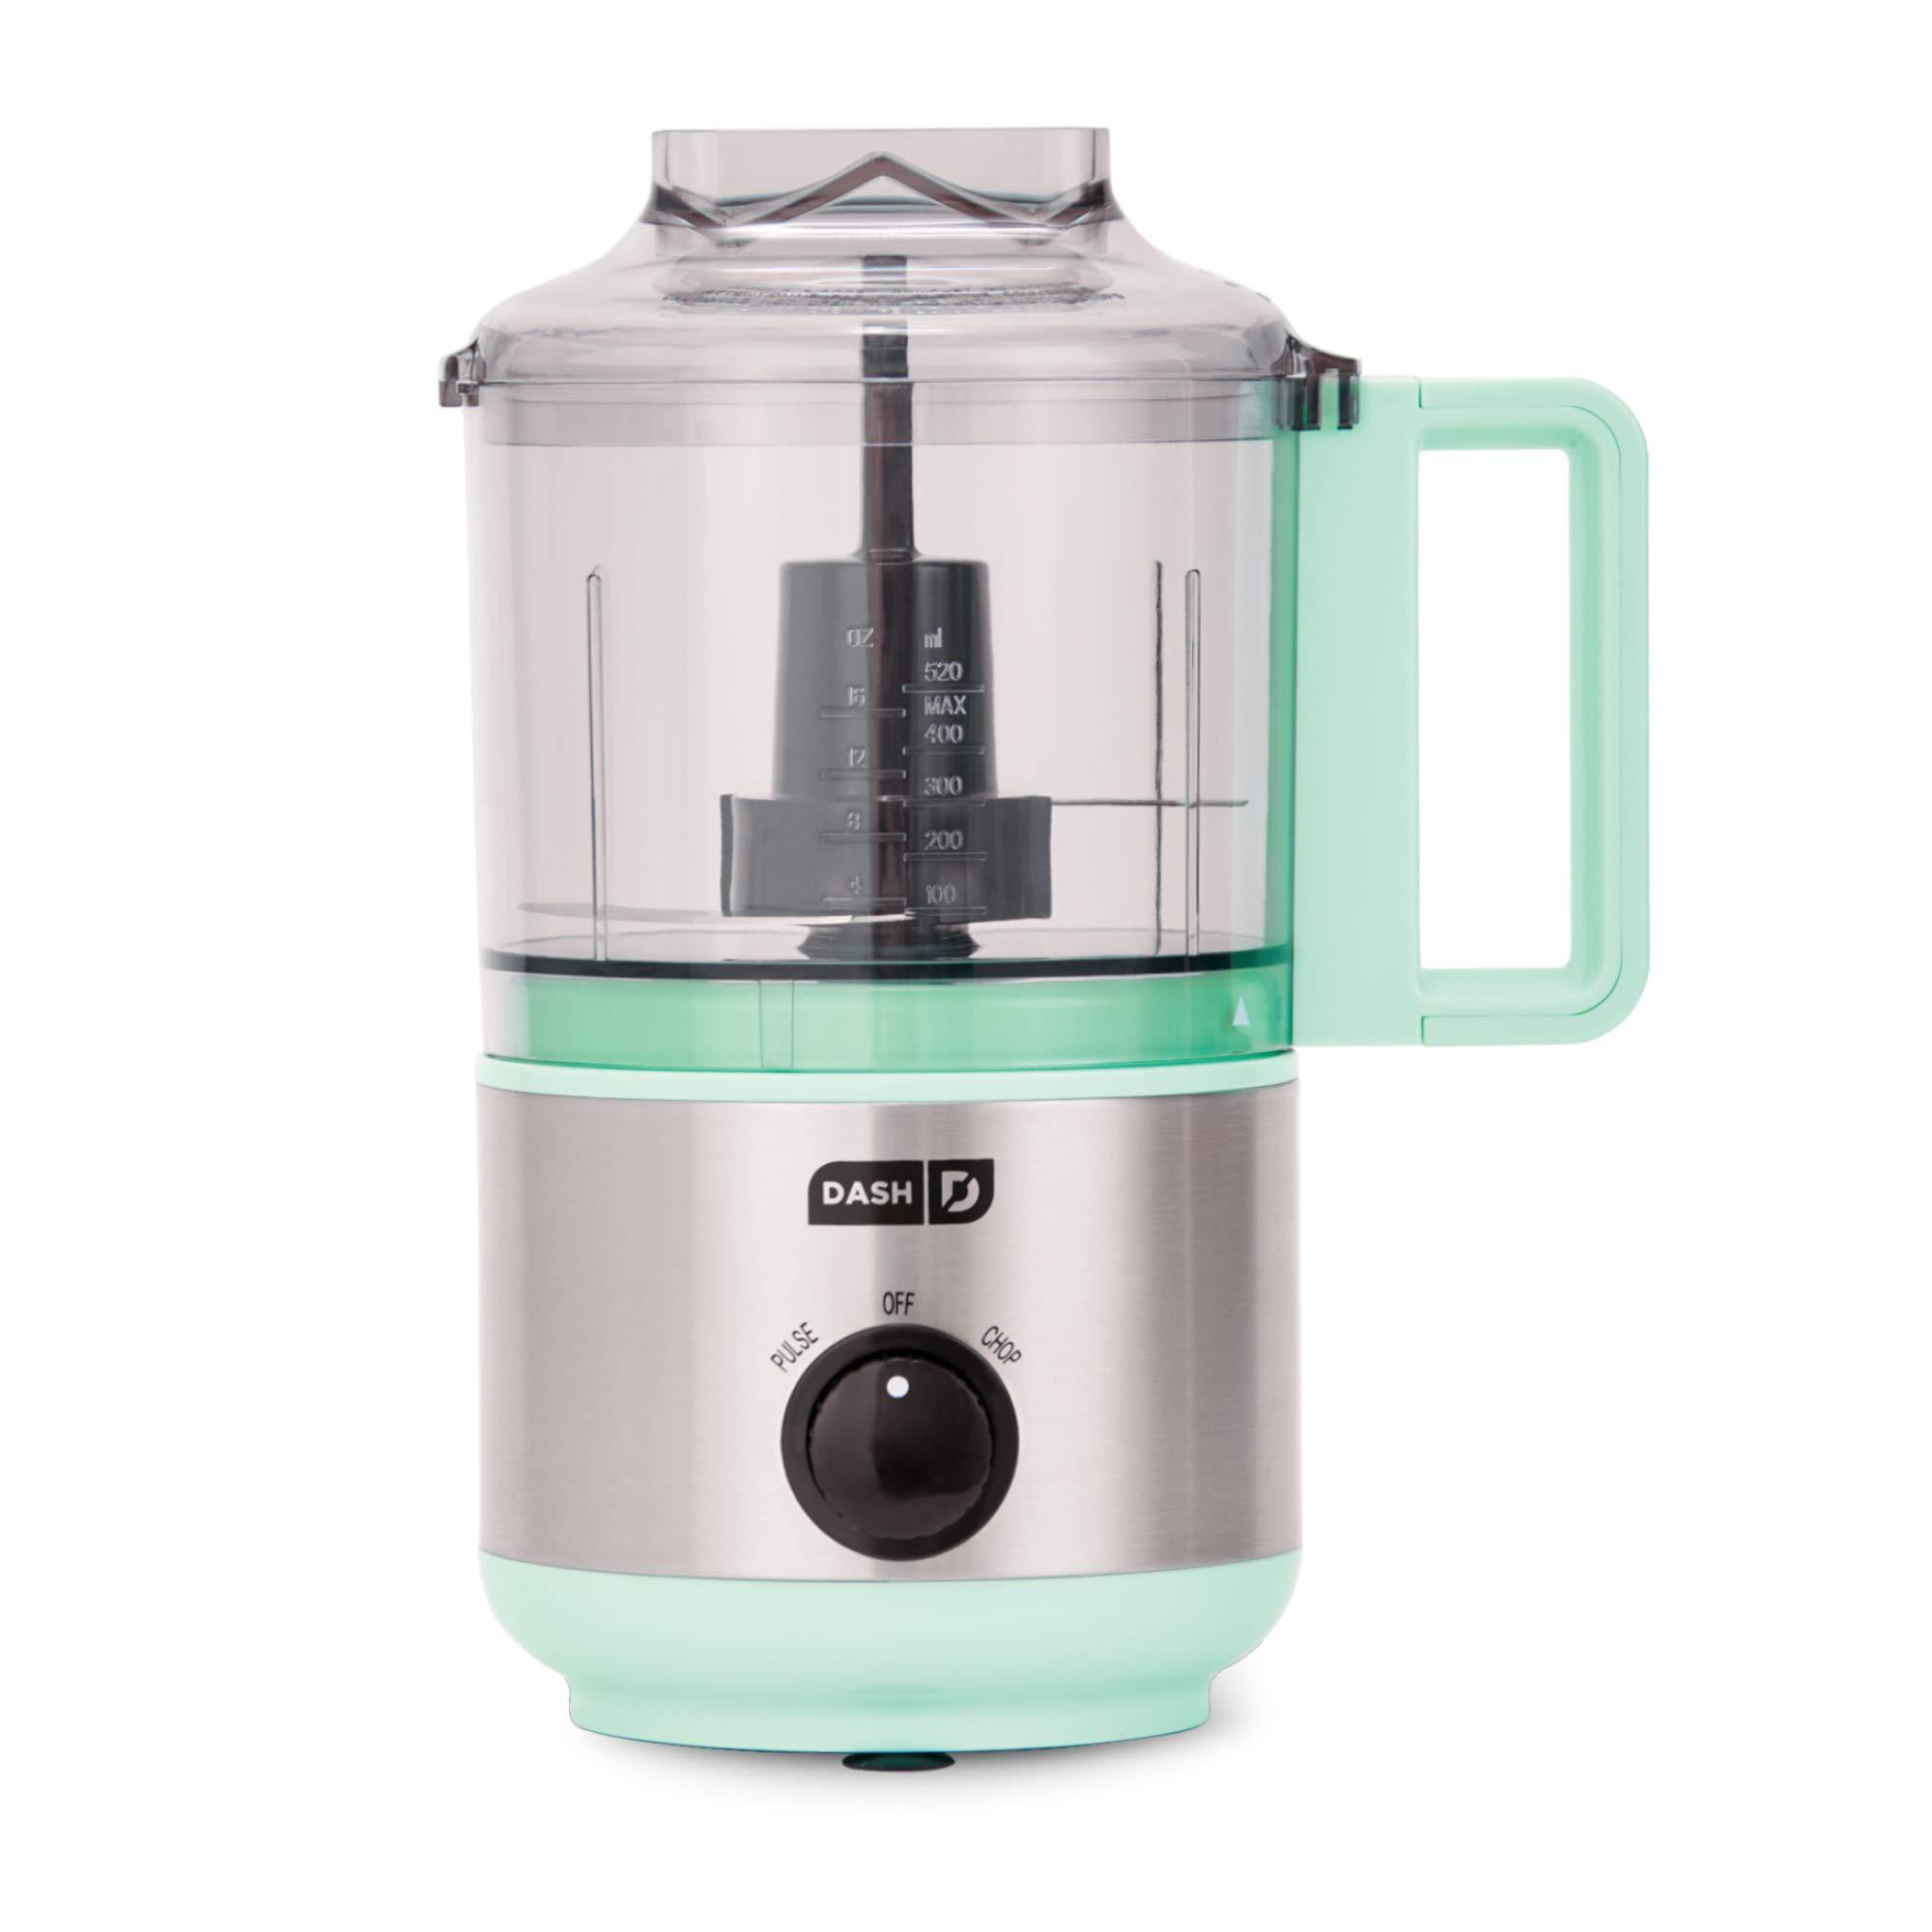 Dash DMFP100AQ Express Mini Food Chopper, 2 Cup, Aqua by Dash (Image #1)